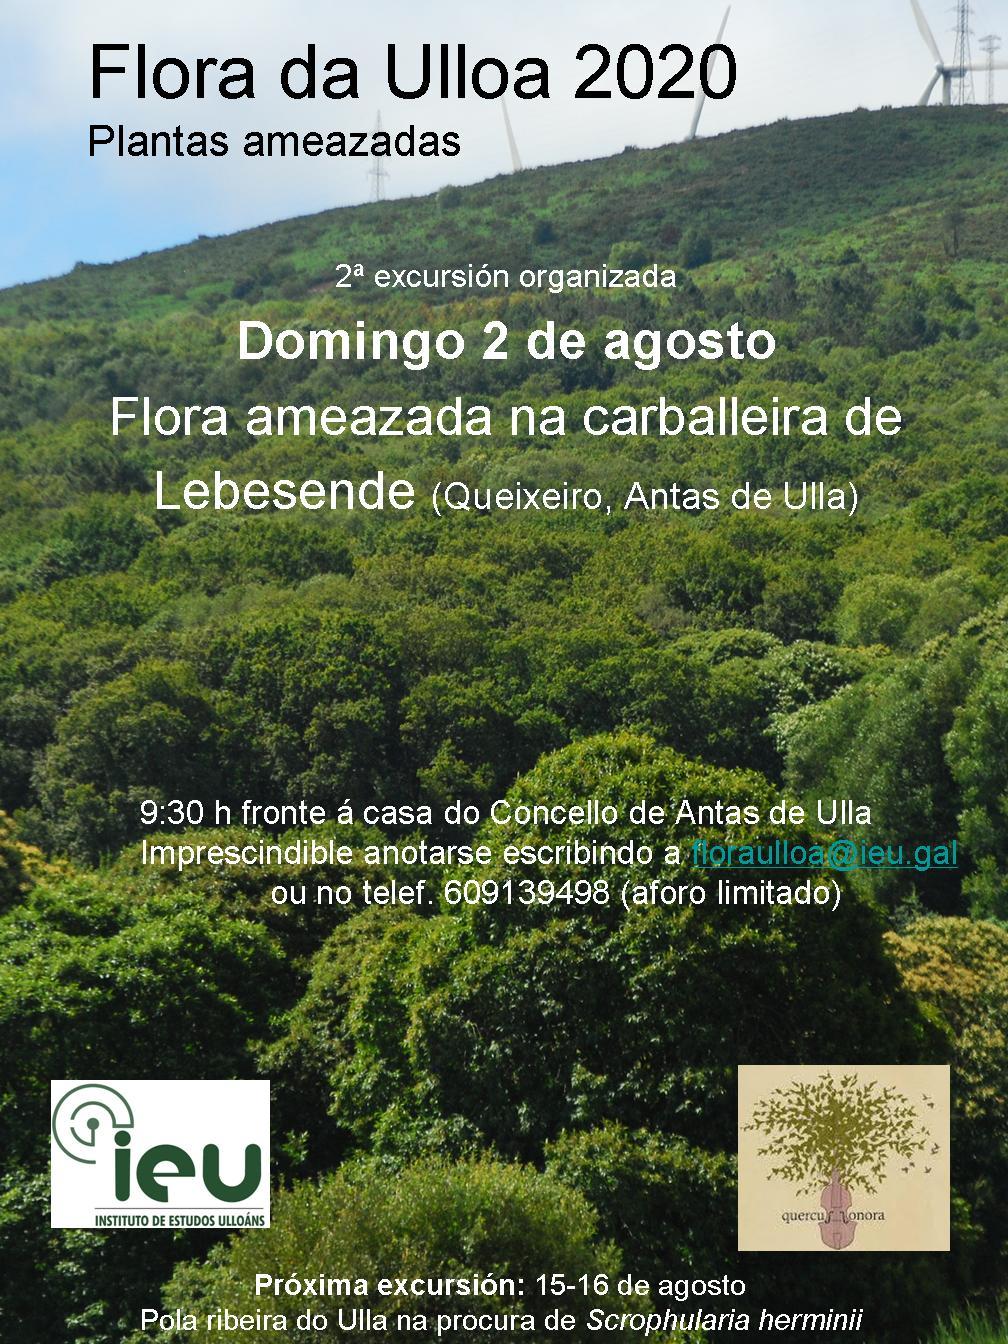 Excursión Flora da Ulloa 02-2020 Flora ameazada na carballeira de Lebesende, Instituo de Estudos Ulloáns